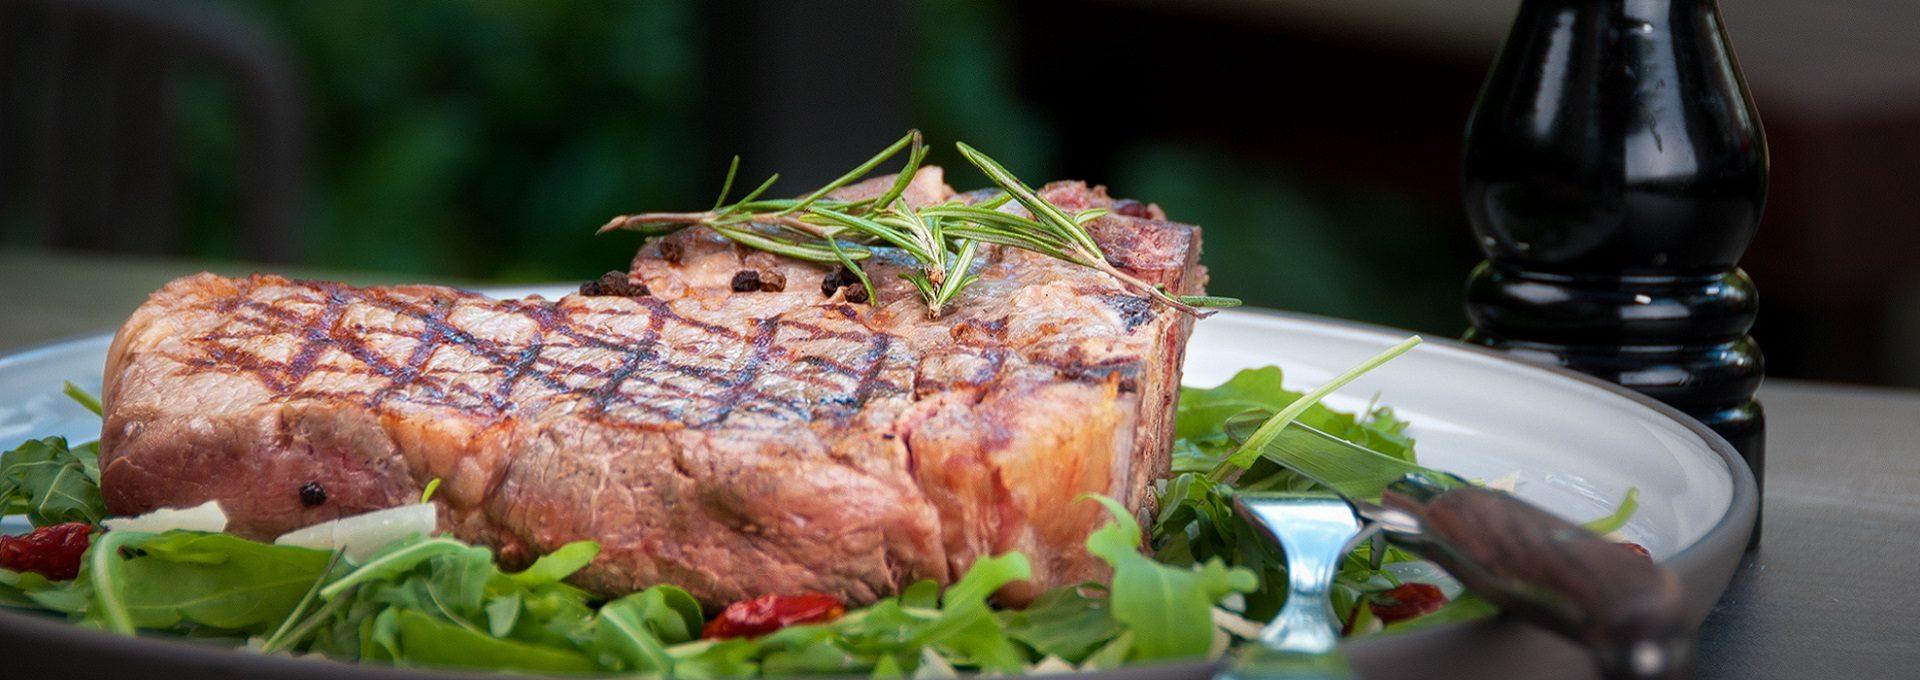 Detailaufnahme Steak